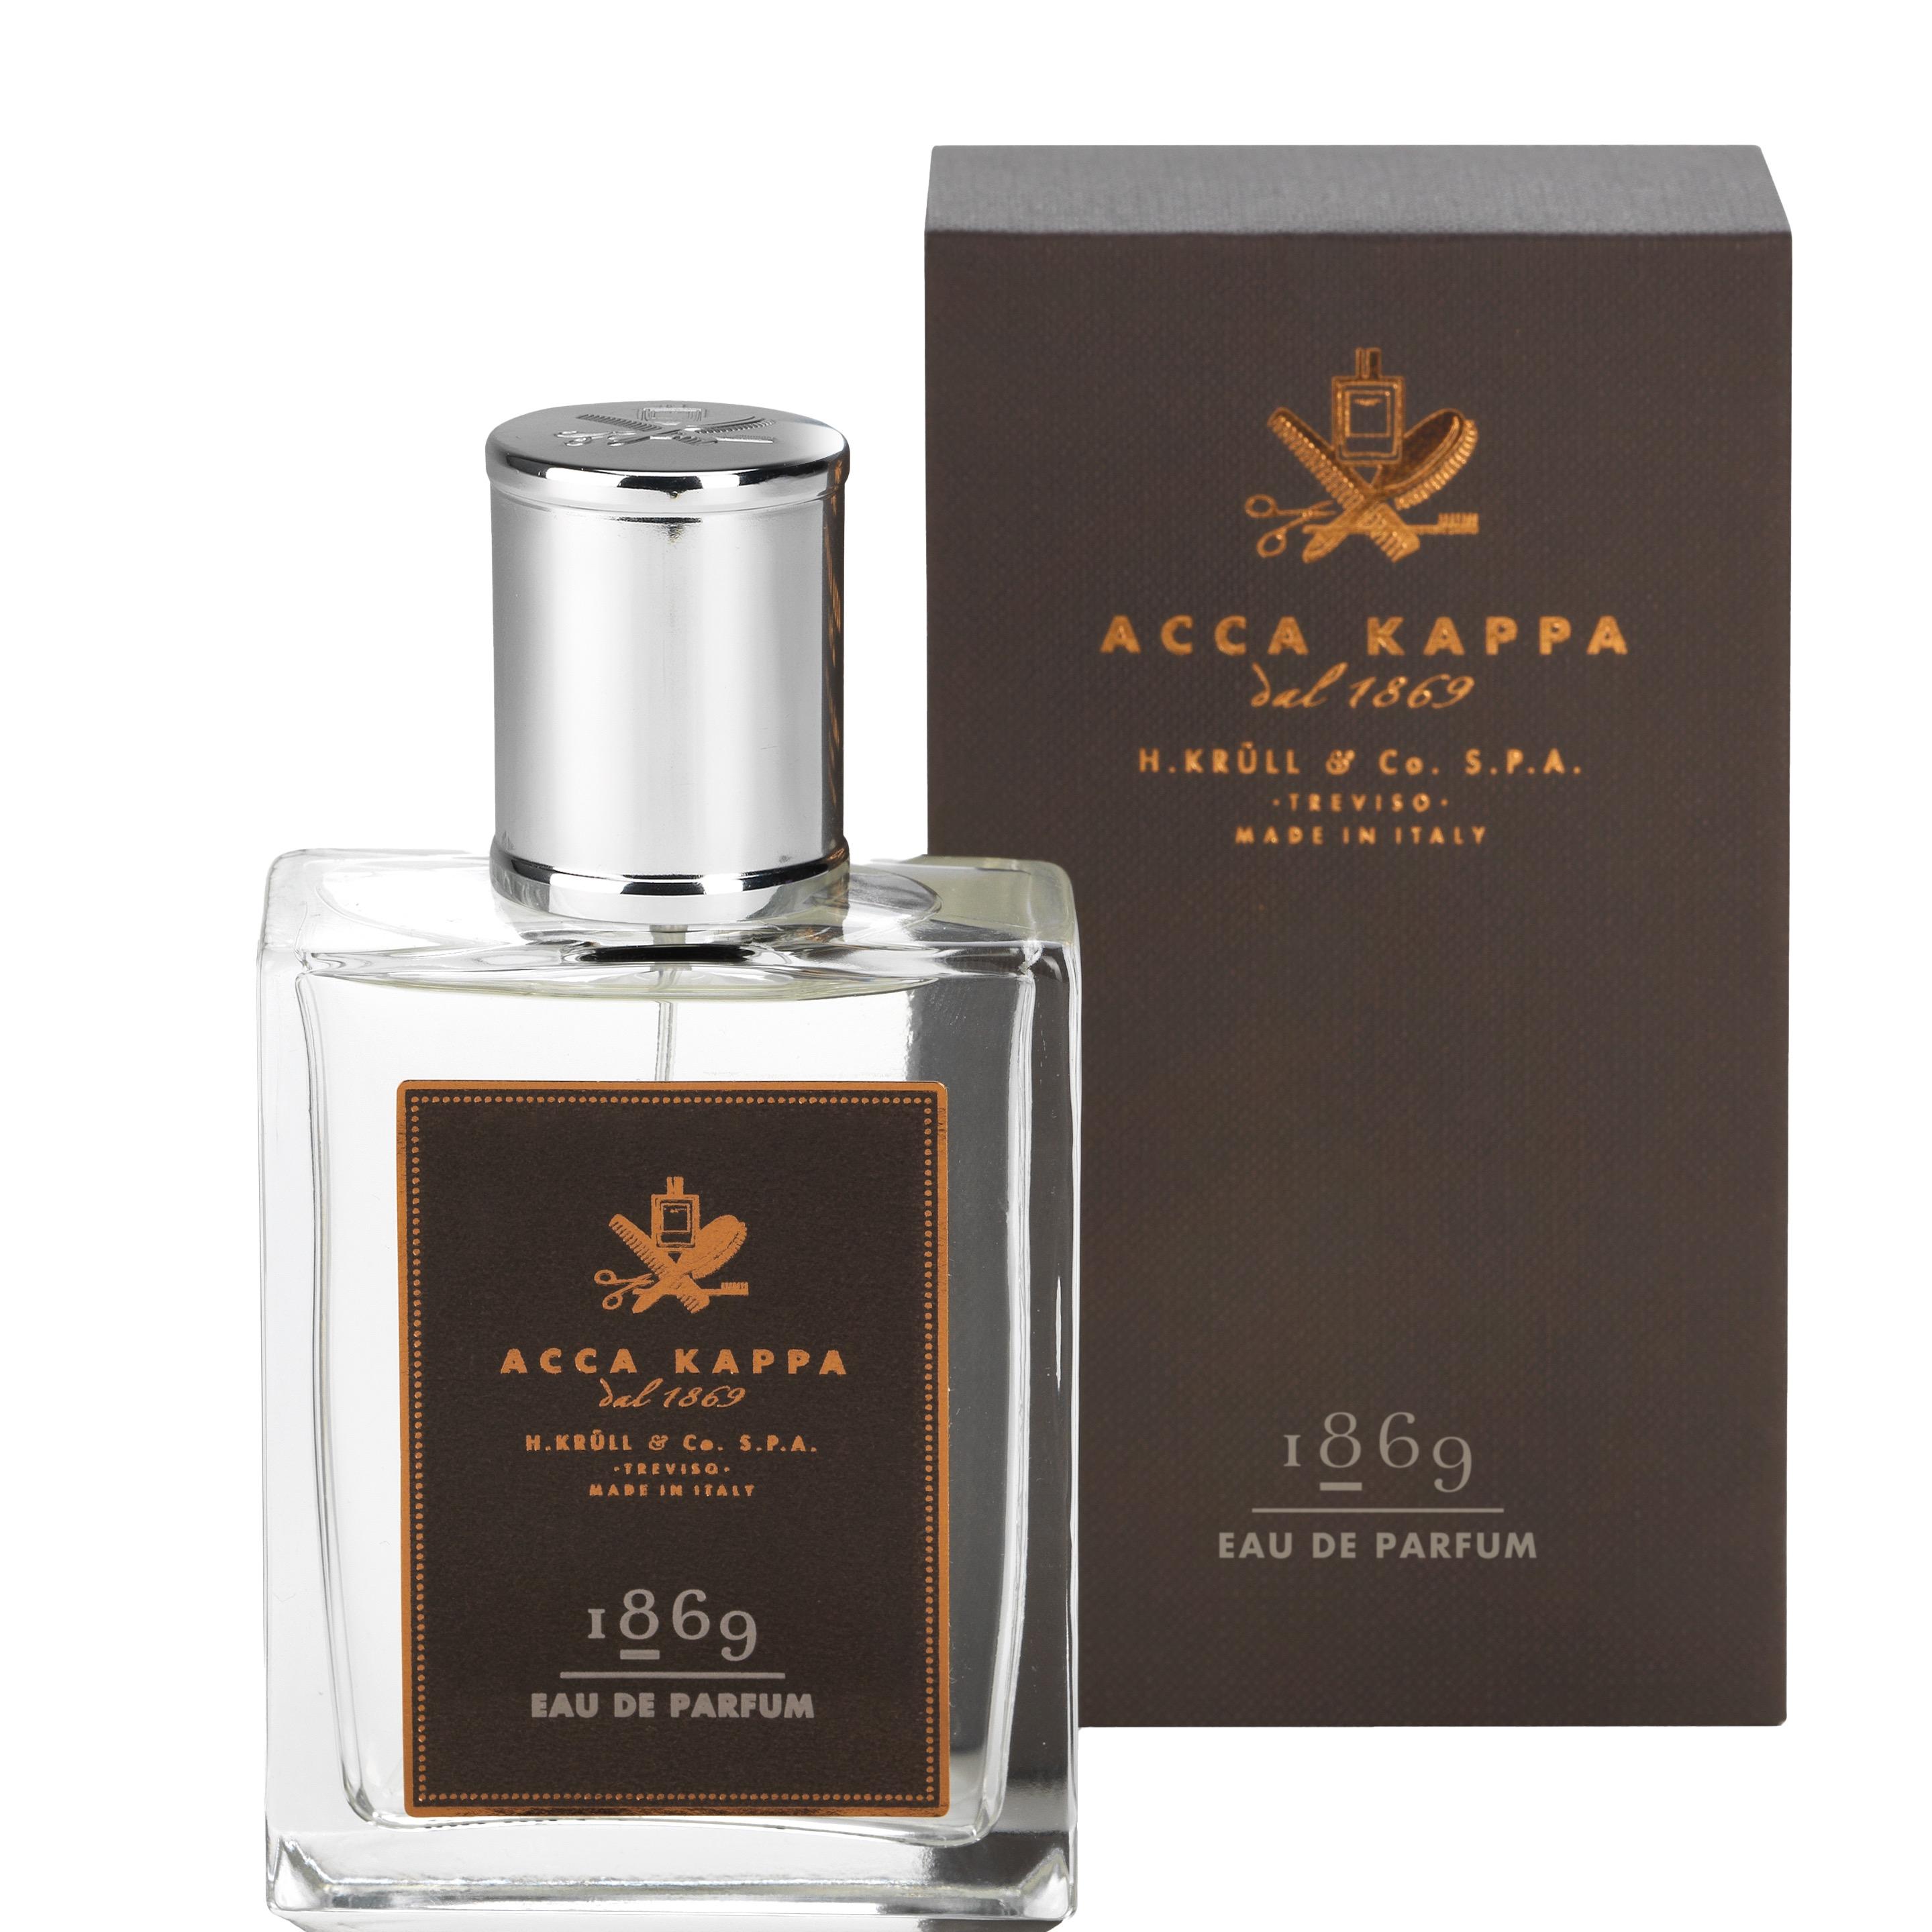 Eau de Parfum 1869